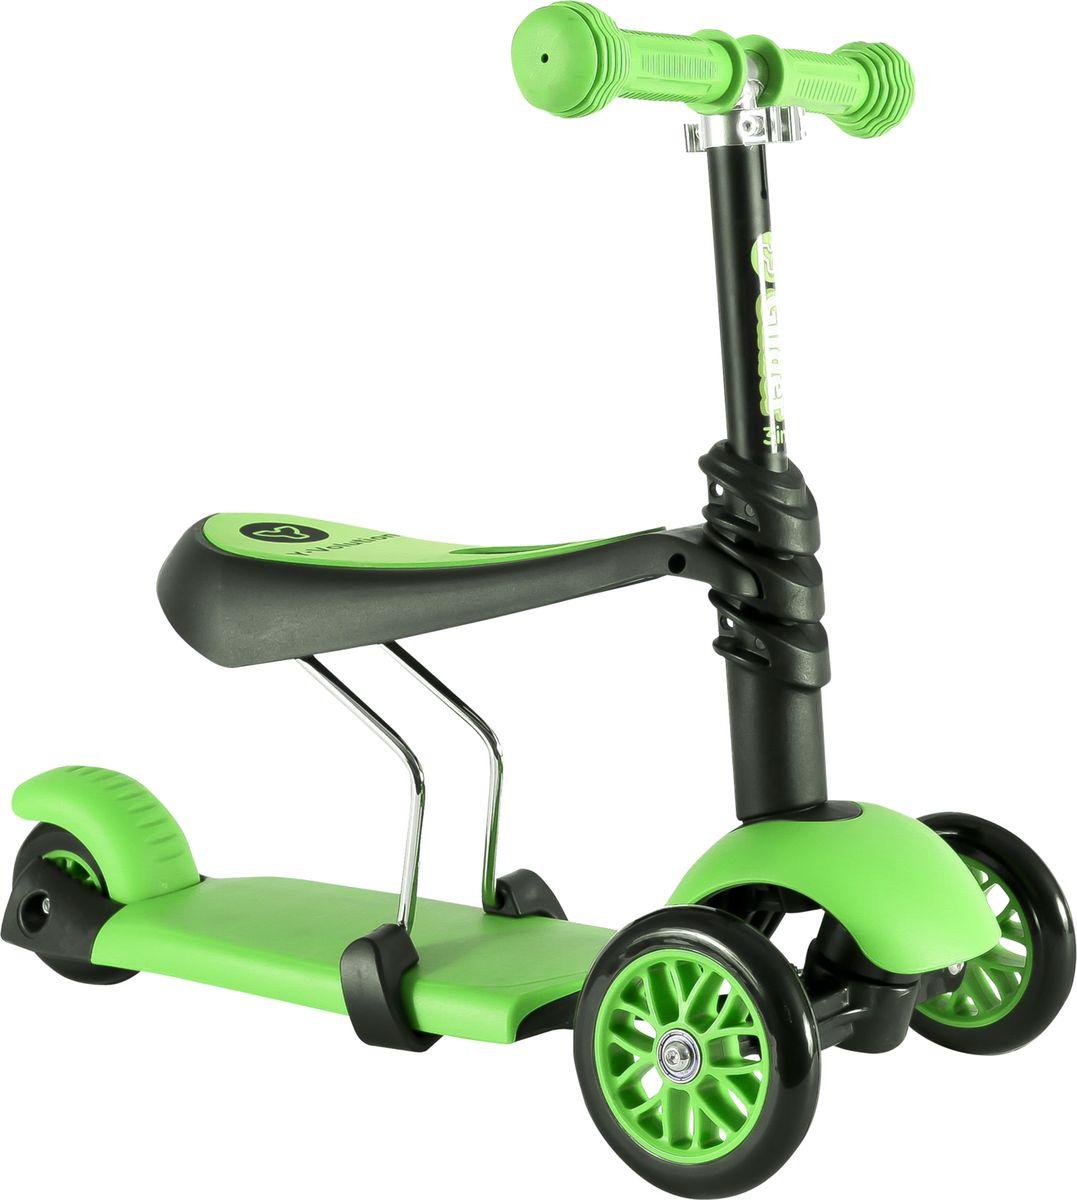 YVolution Самокат-беговел детский Glider 3 в 1 цвет зеленый - Беговелы